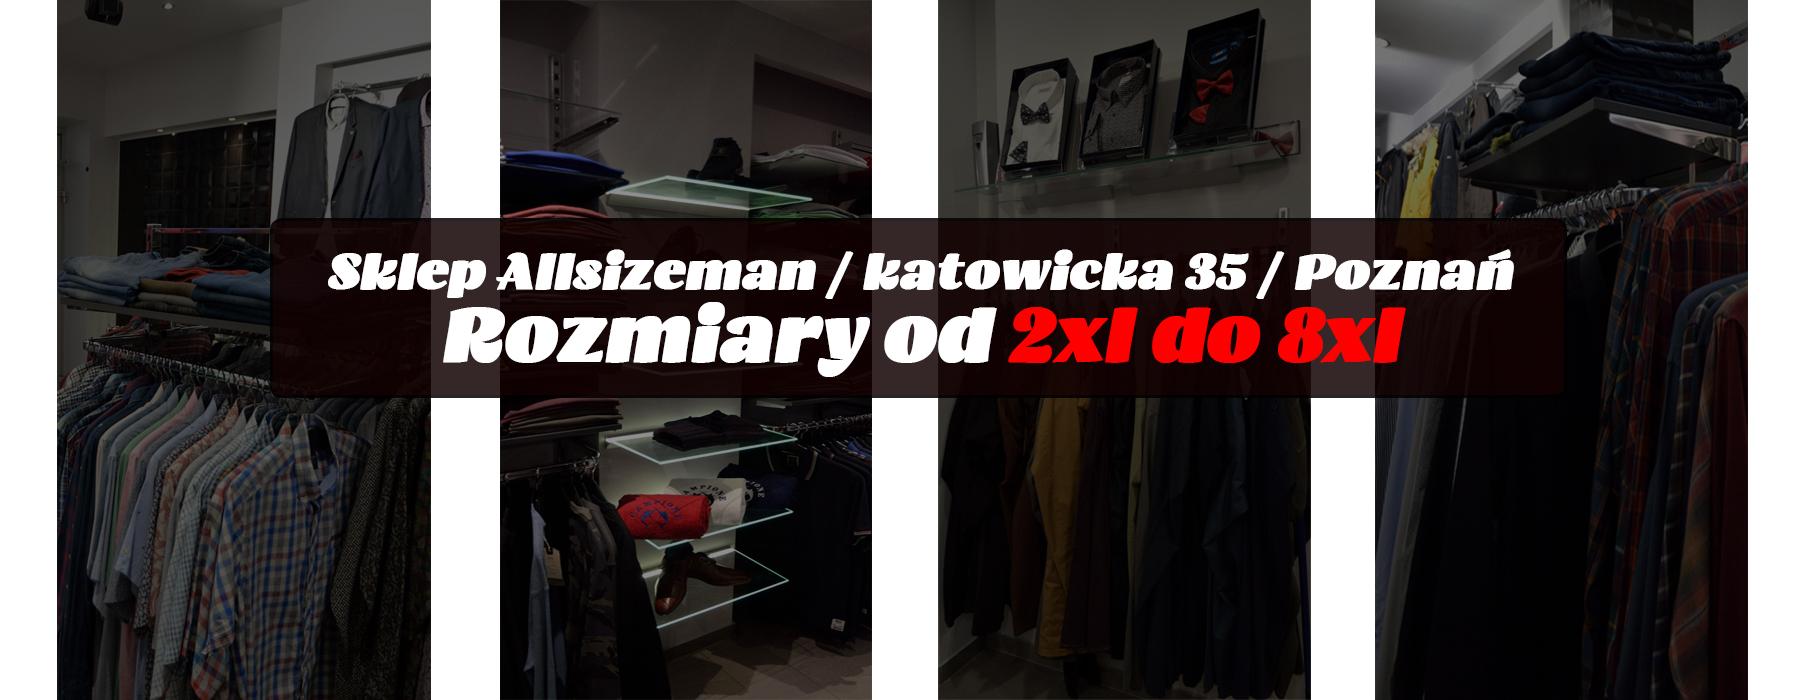 39cf05d2c5 Markowa odzież męska w dużych rozmiarach